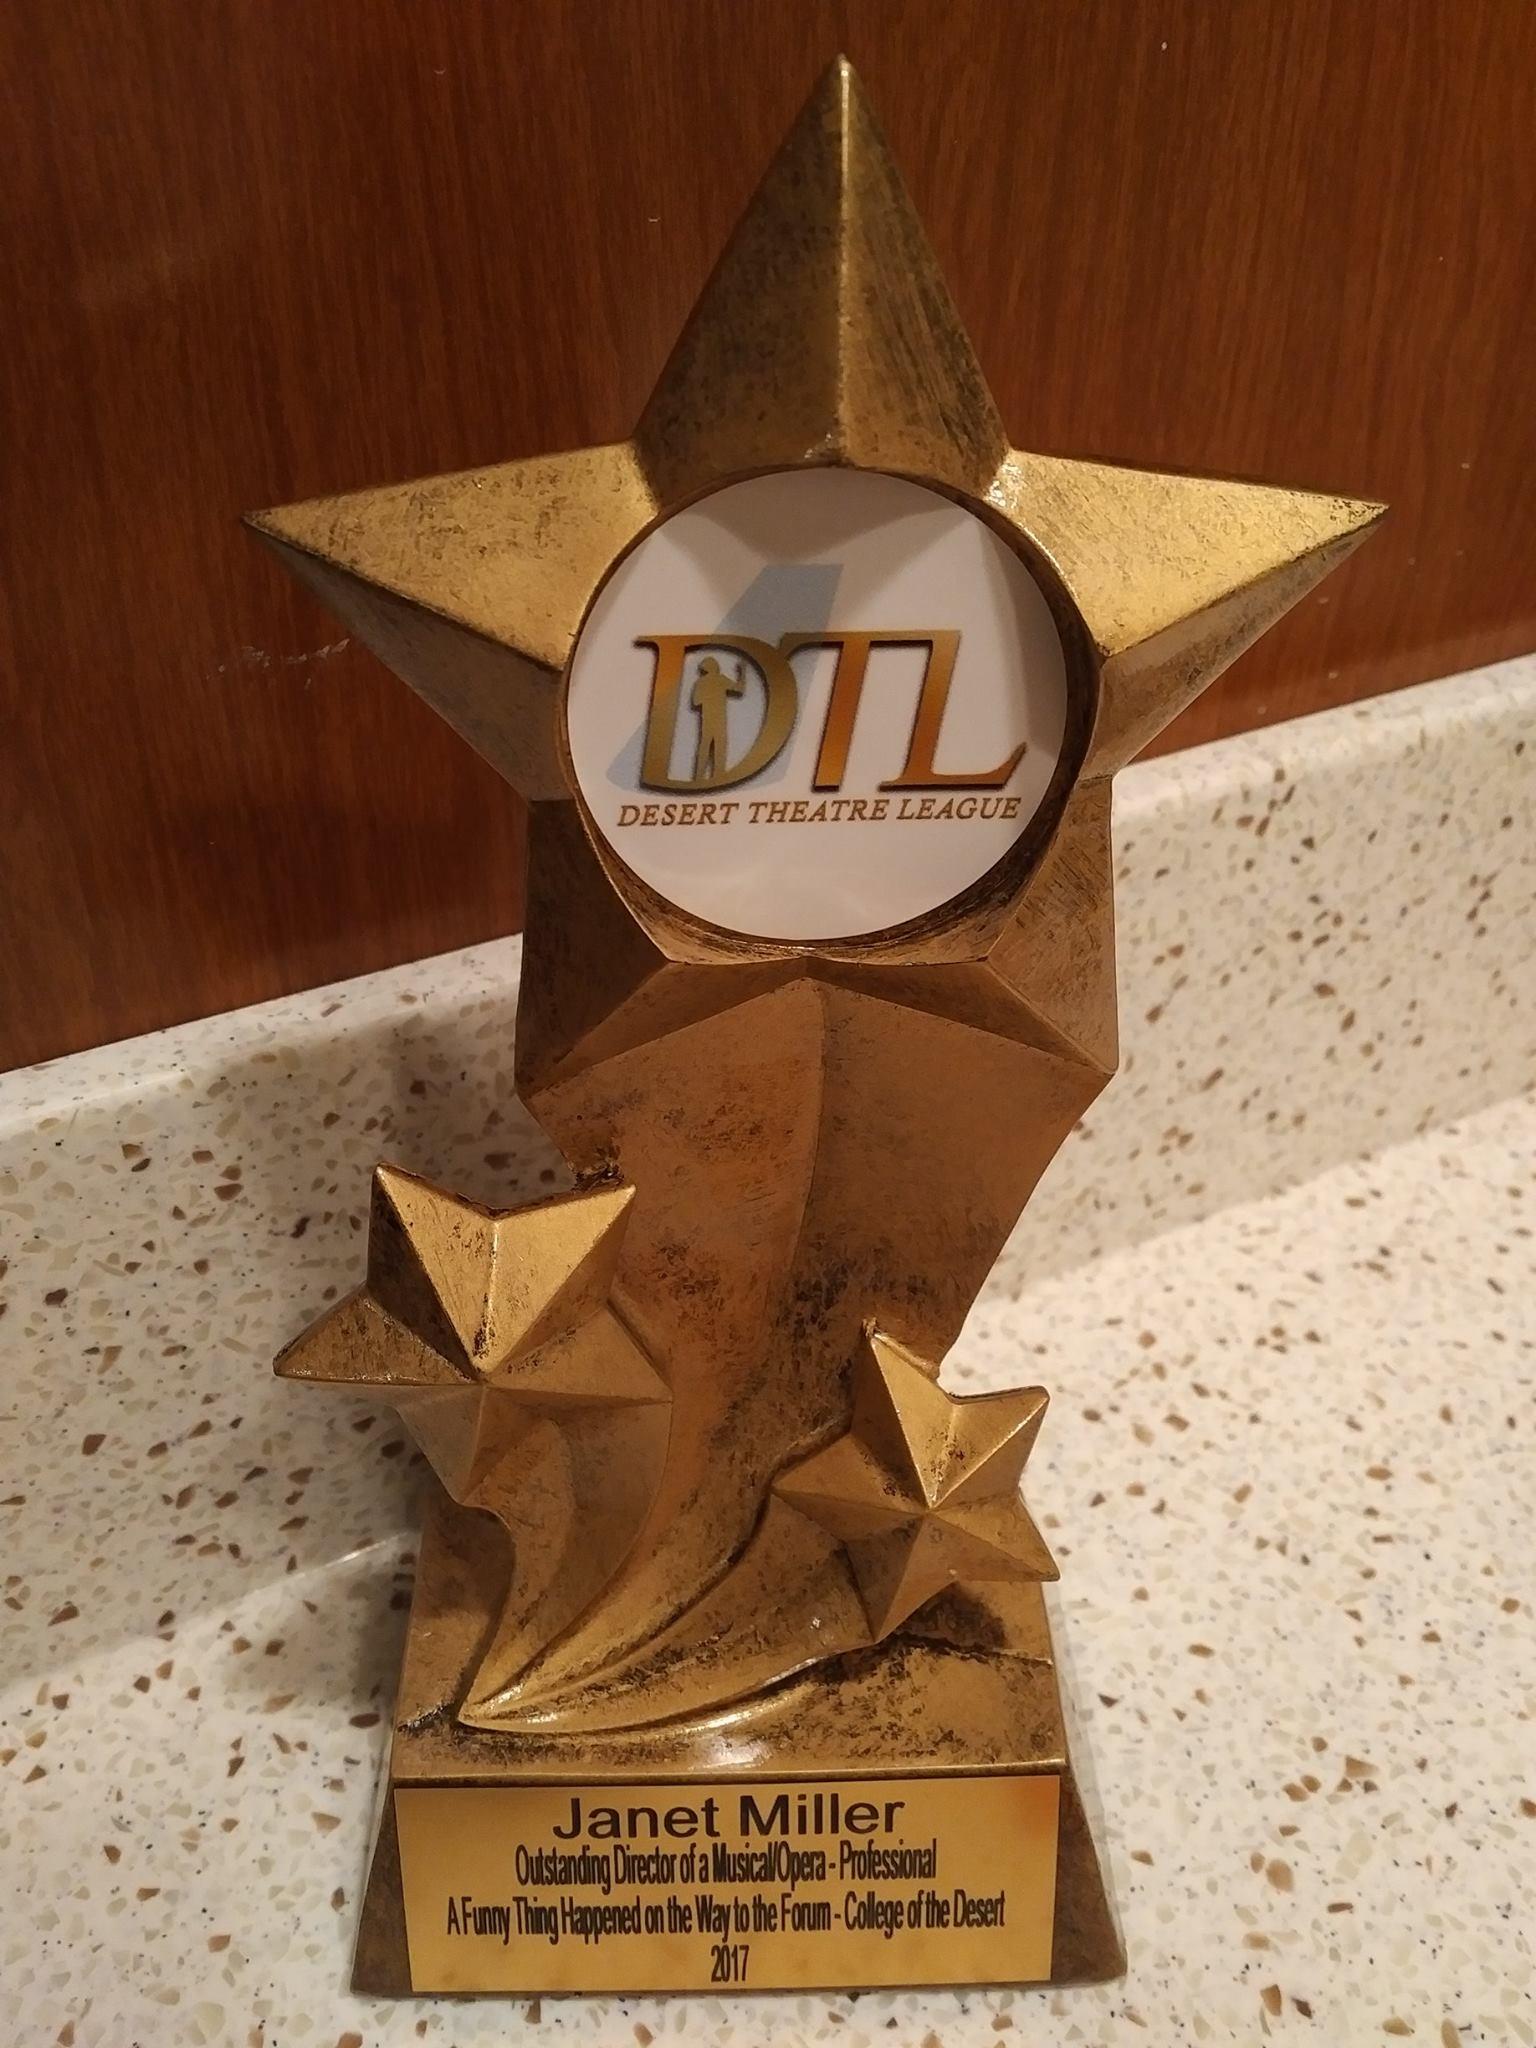 Desert Theatre League Award - 2017 - Janet Miller